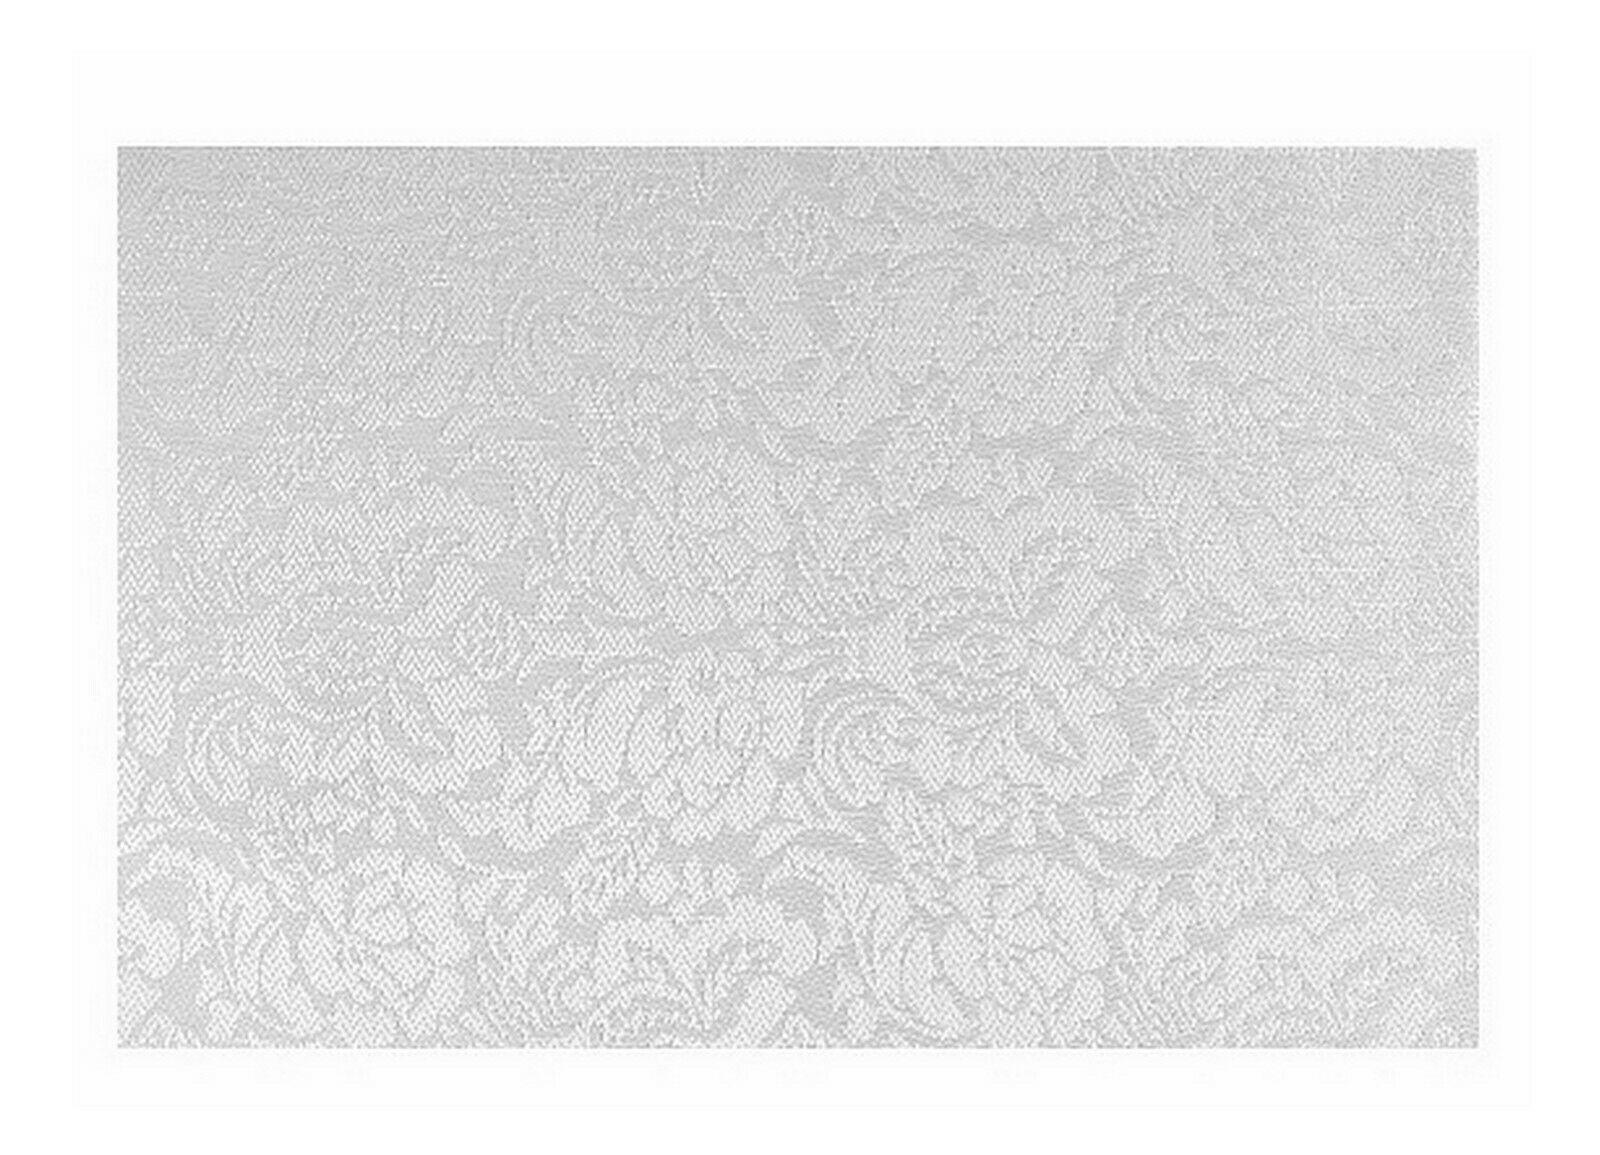 Tischset Platzdeckchen Platzset 45x30 cm abwaschbar Kunststoff PVC versch. Motiv - Blumen Design (Creme-Silber)